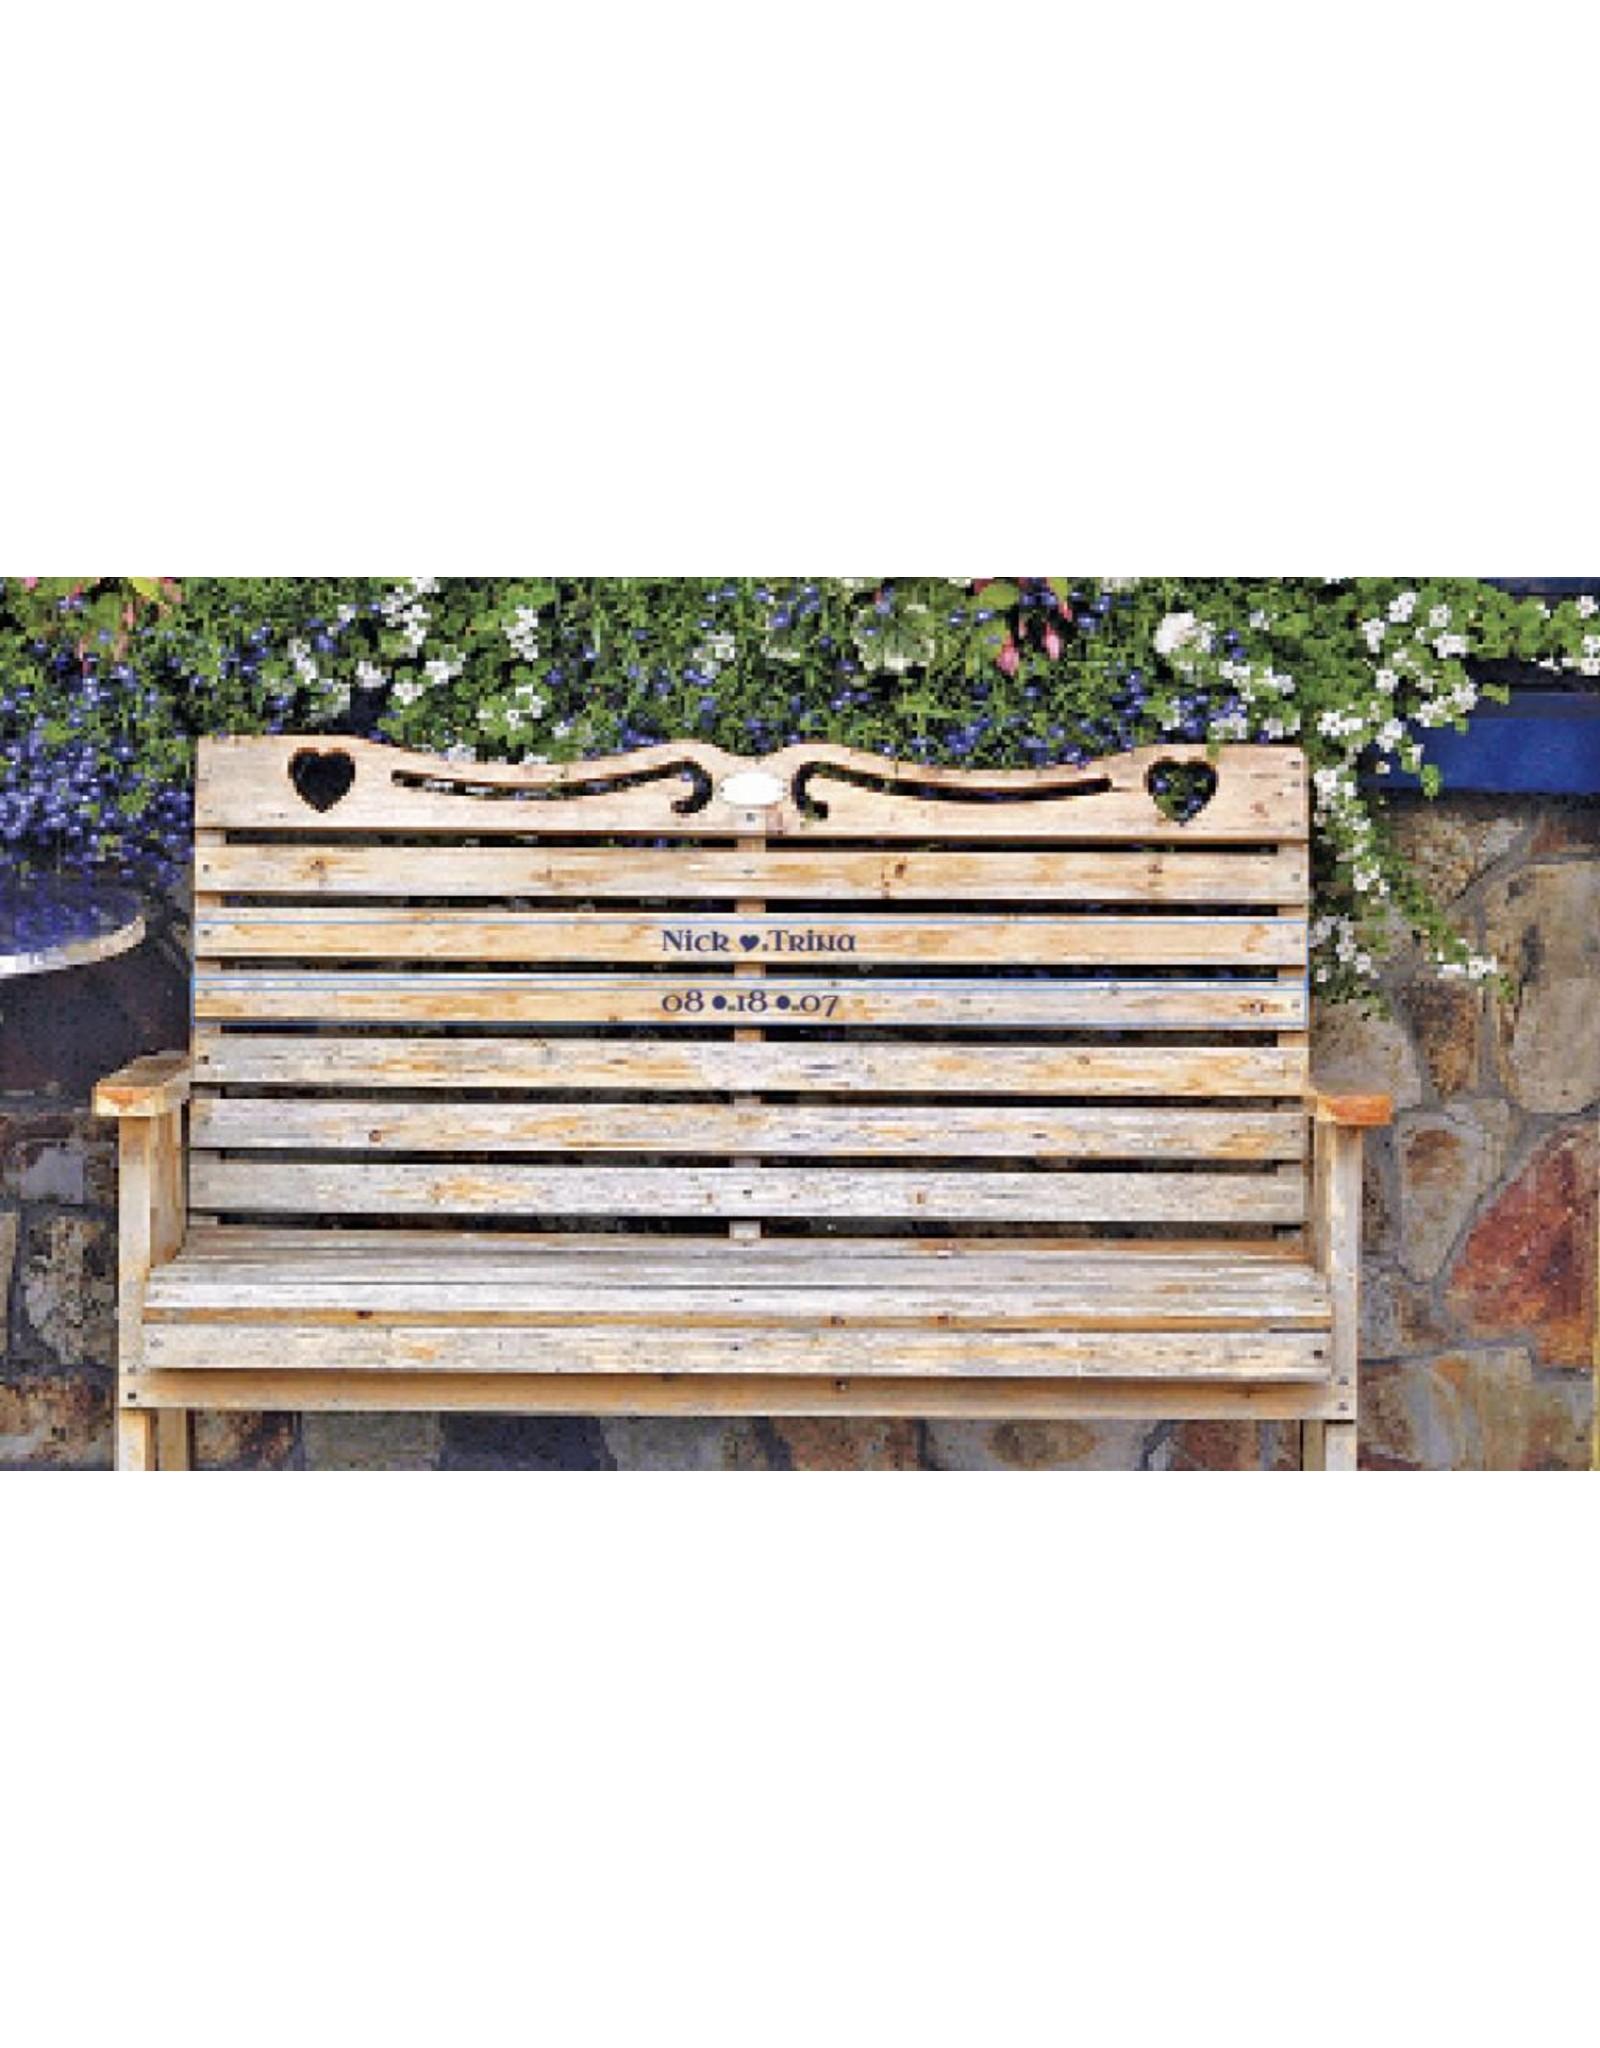 Mundo Images Large Tray:  Wedding Bench Personalized